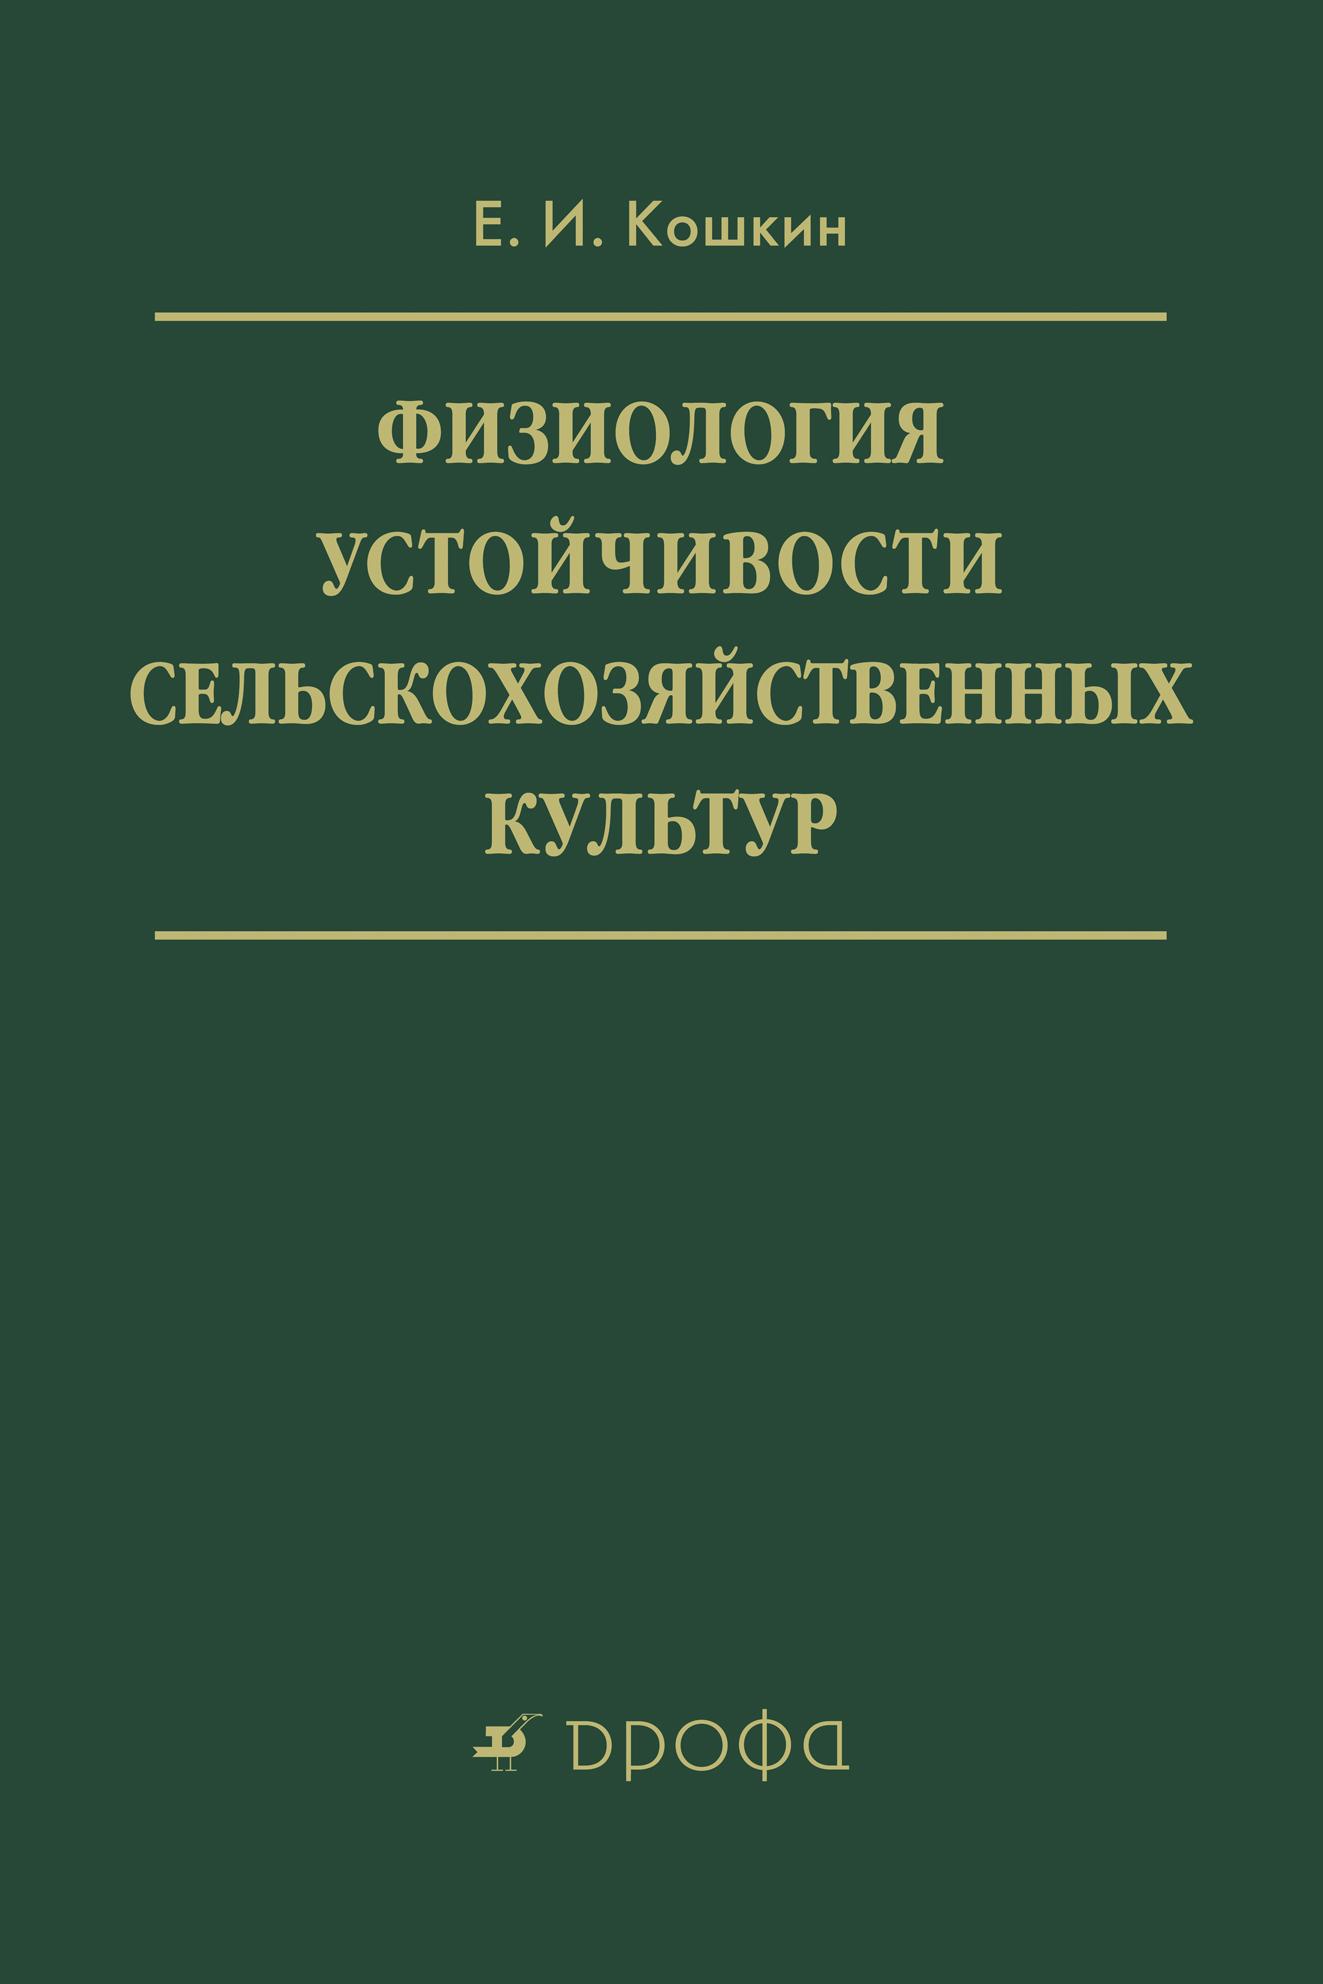 Физиология устойчивости сельскохозяйственных культур